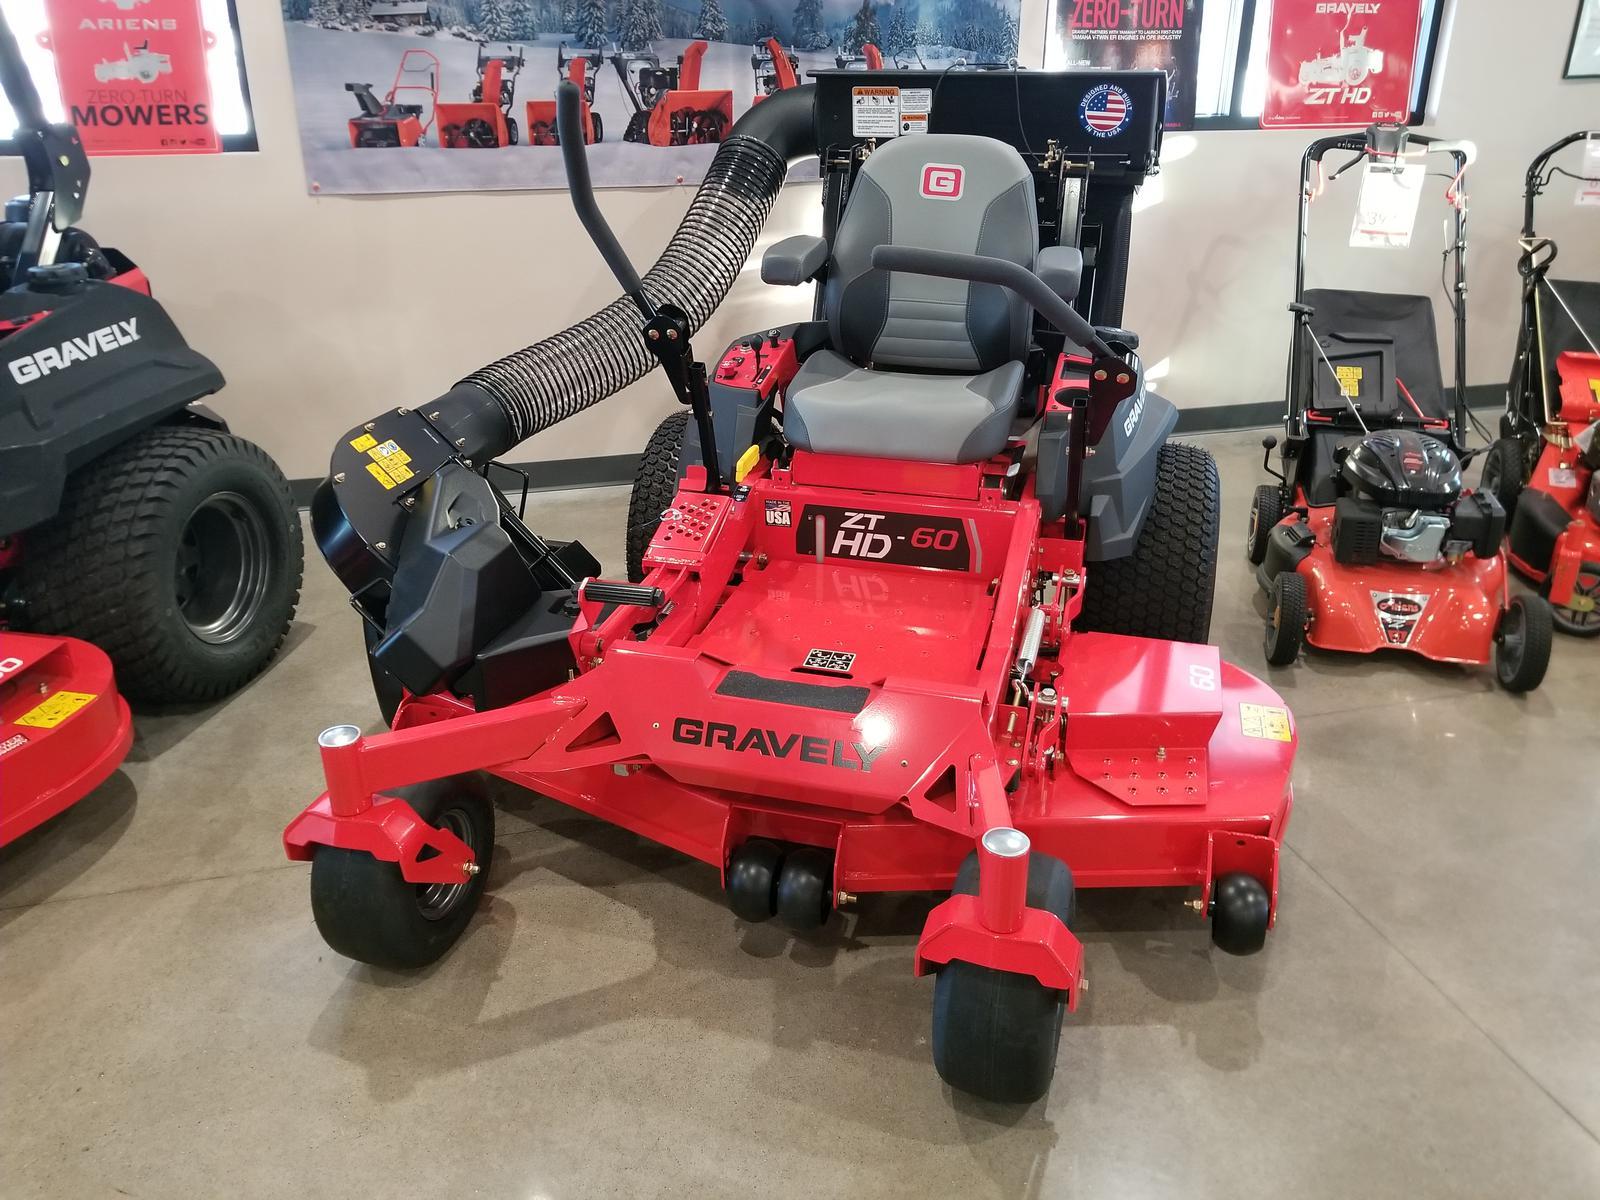 2018 gravely zt hd 60-24hp kaw. W/bagger kit zero turn mower for.